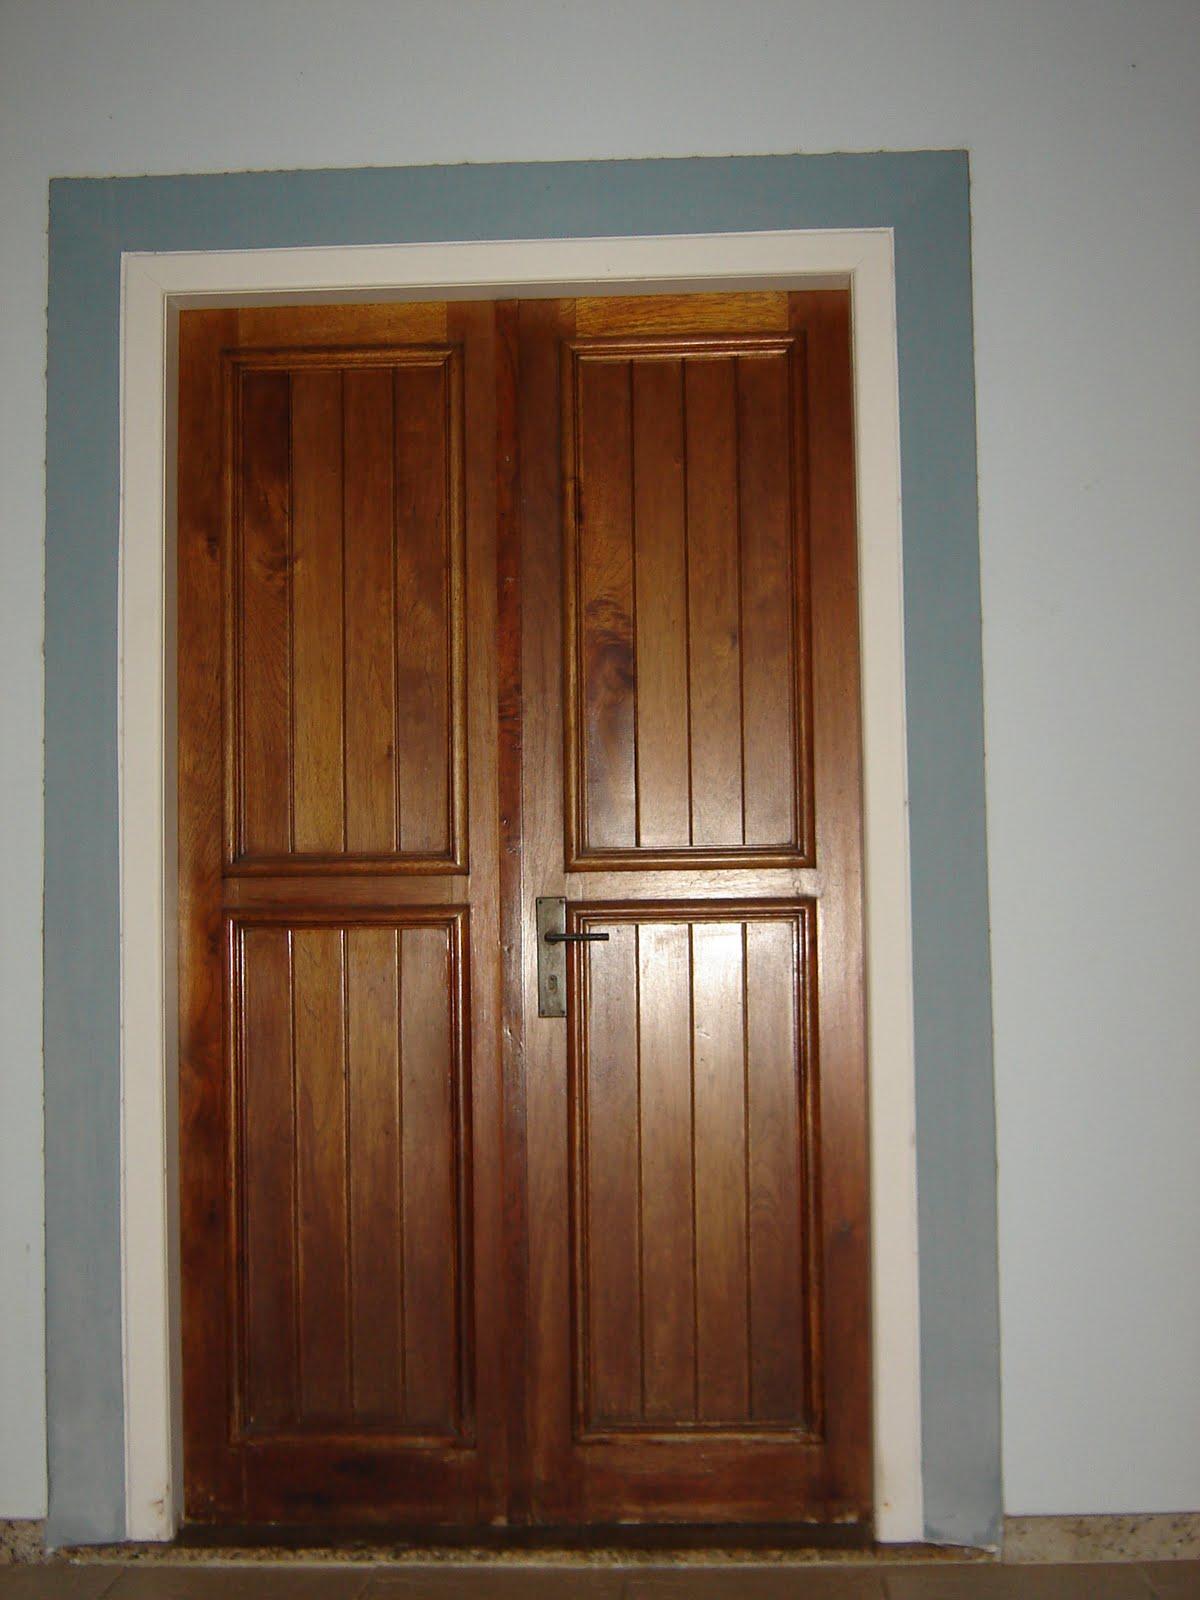 #452110 Fotos De Portas E Janelas Madeiras Em Geral Rio Janeiro 592 Janelas Em Madeira Rio De Janeiro